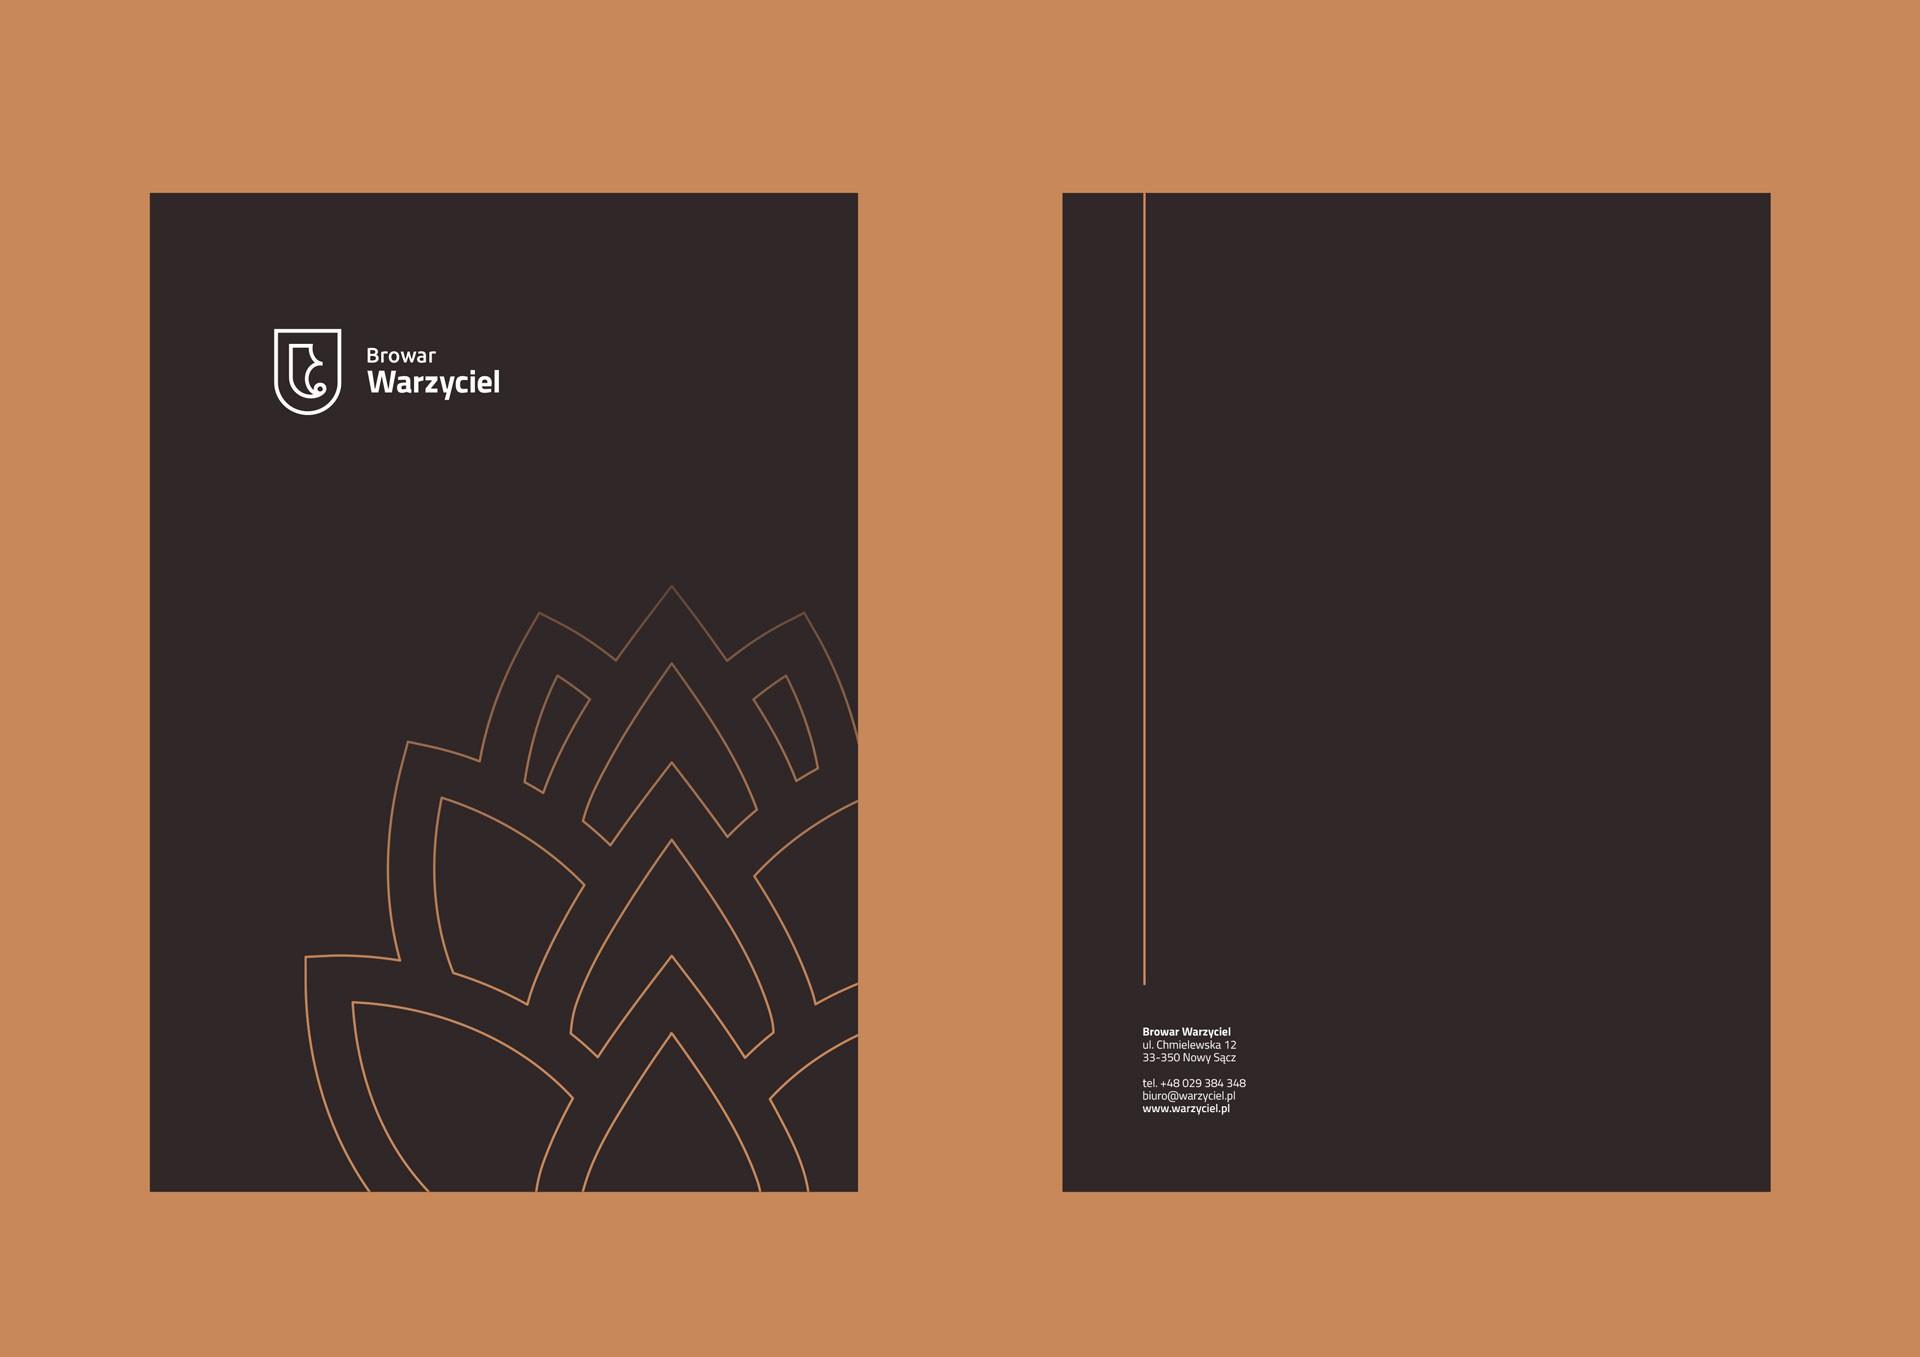 Proces projektowania logo browar warzyciel teczka